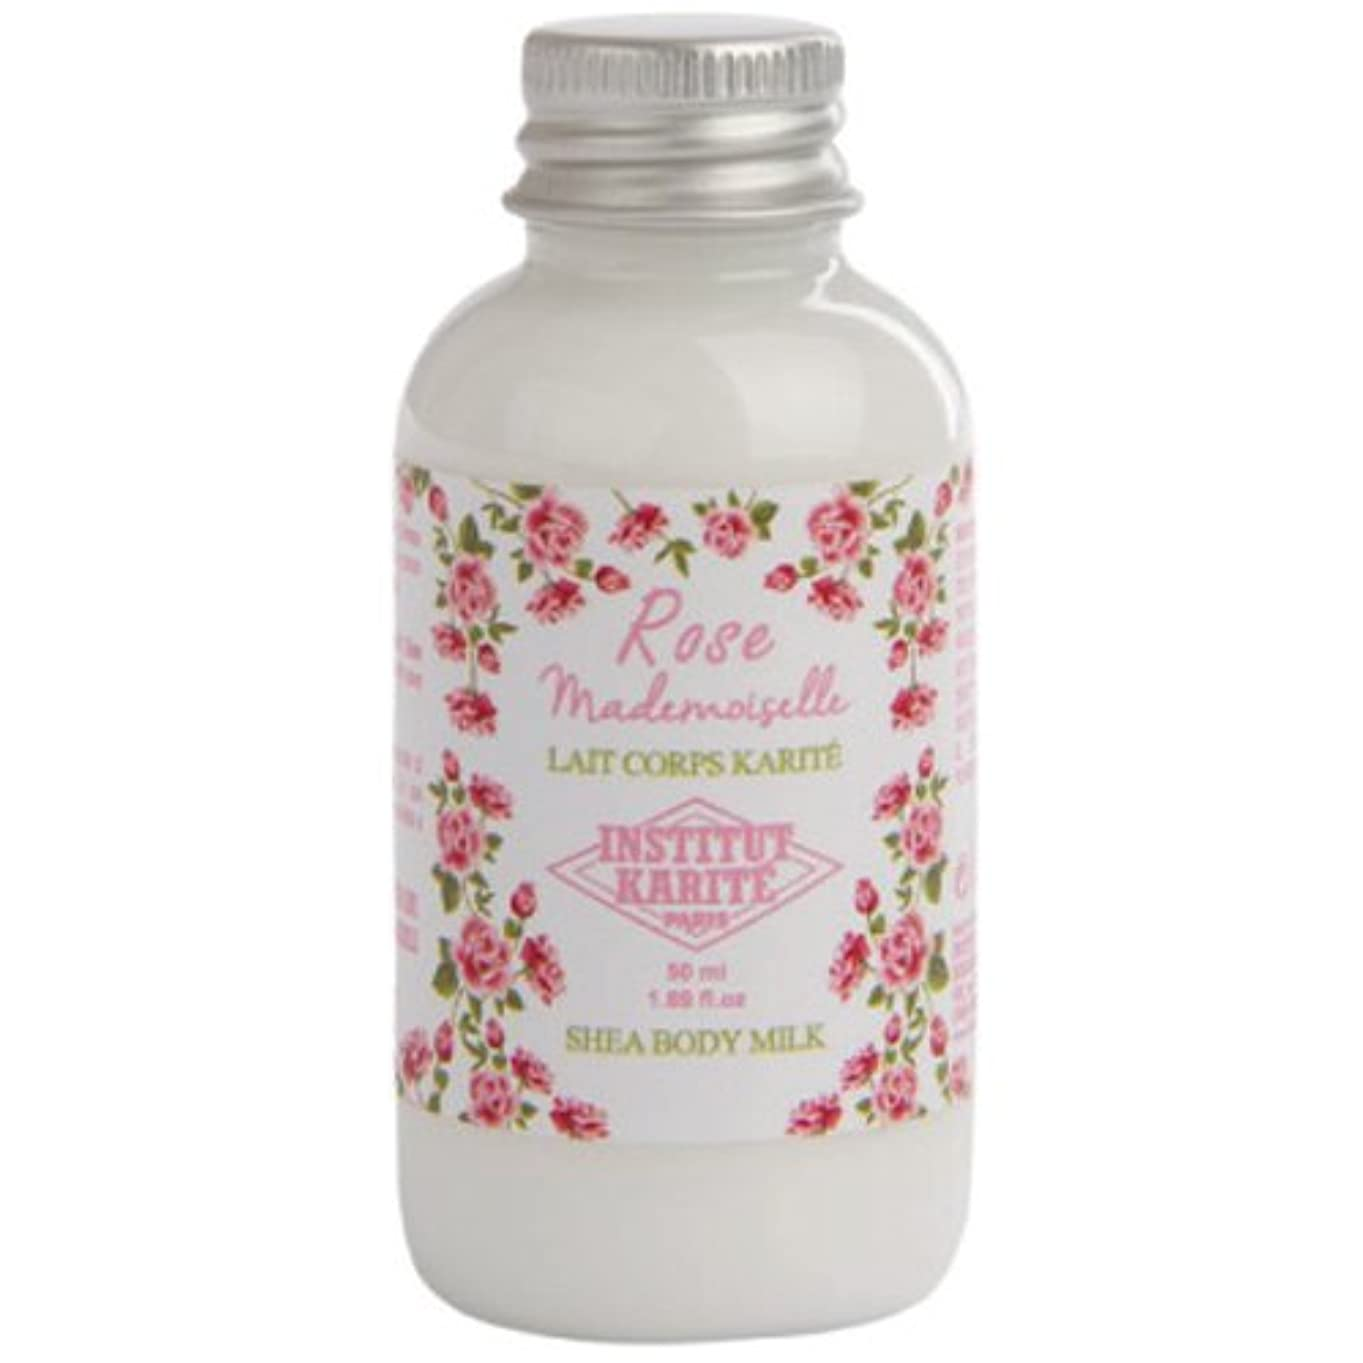 祈り希望に満ちた駐地INSTITUT KARITE カリテ Rose Mademoiselle クラシックローズ Travel Shea Body Milk 50ml